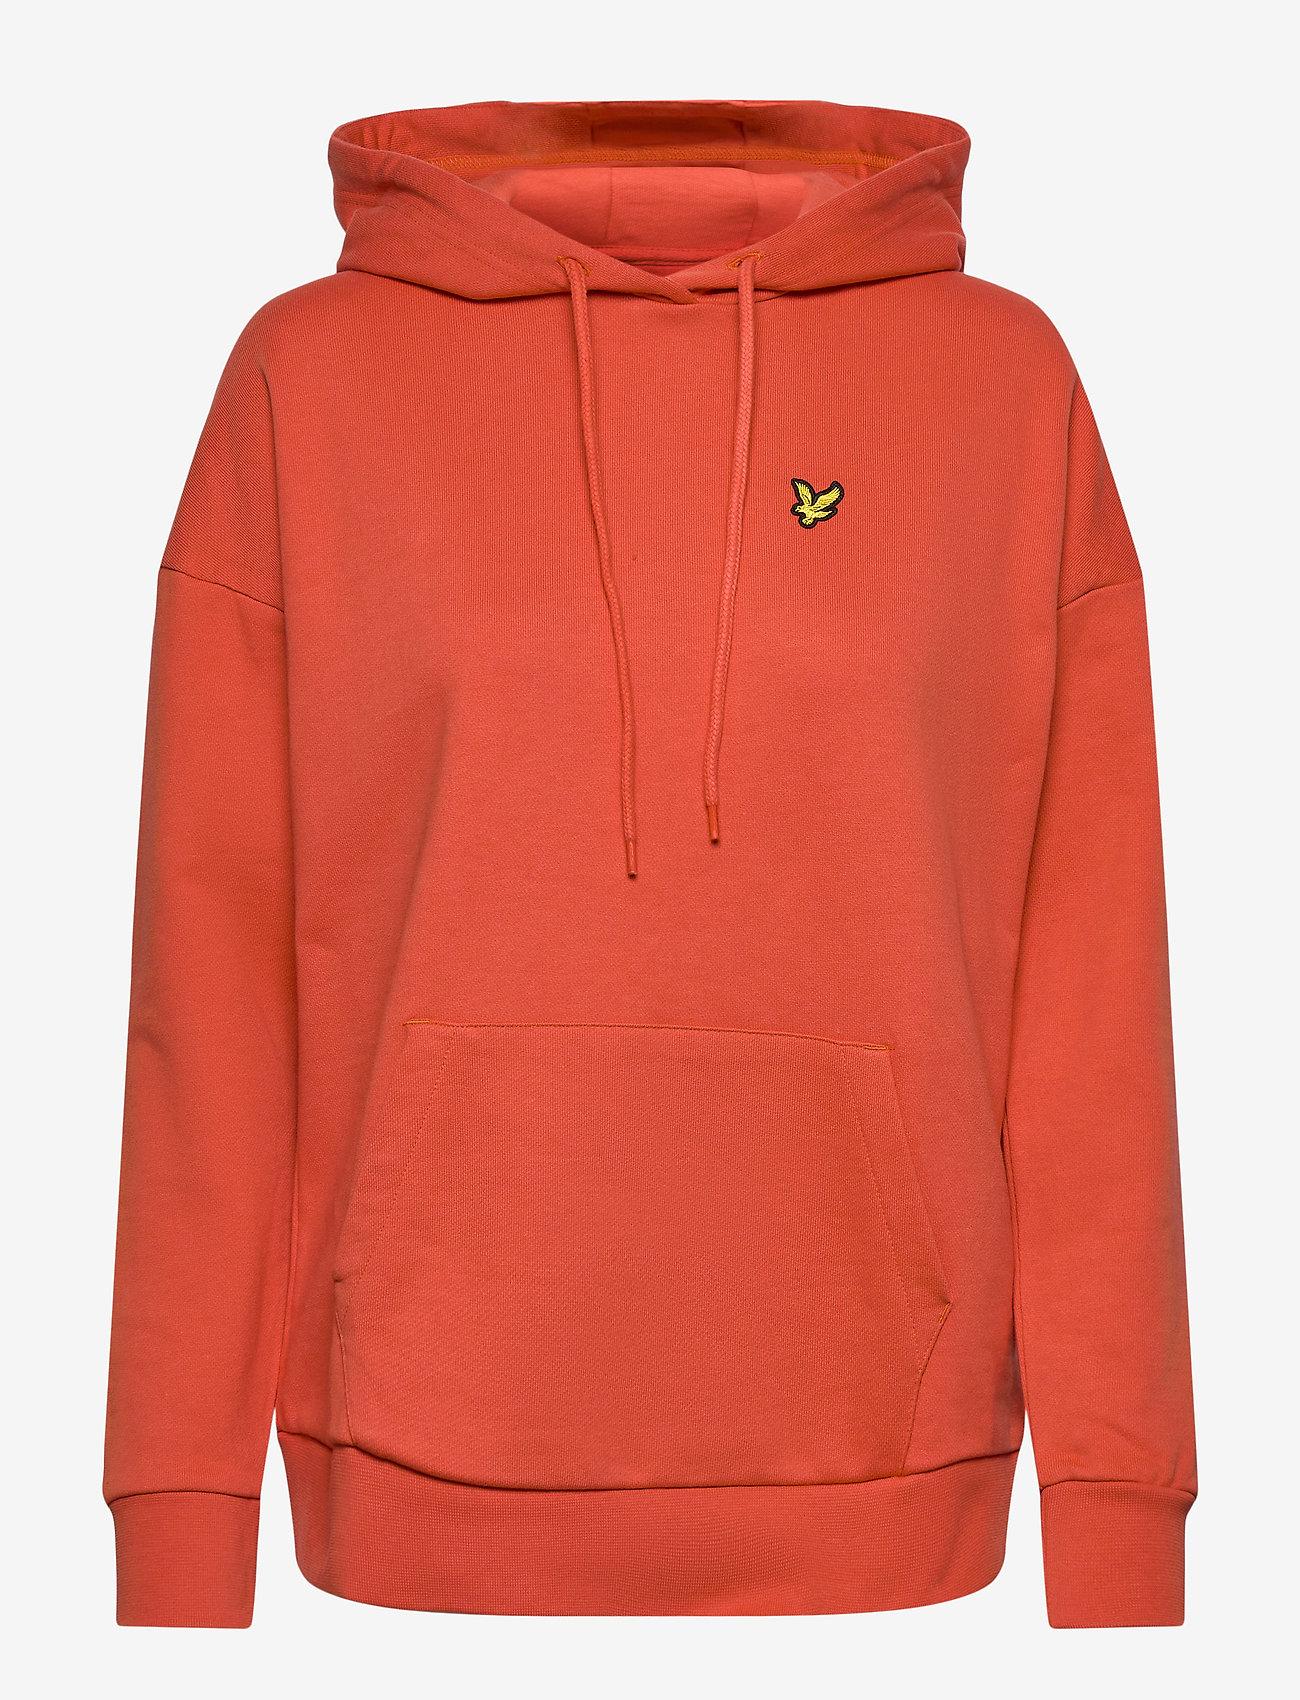 Lyle & Scott - Hoodie - sweatshirts & hoodies - paprika orange - 0